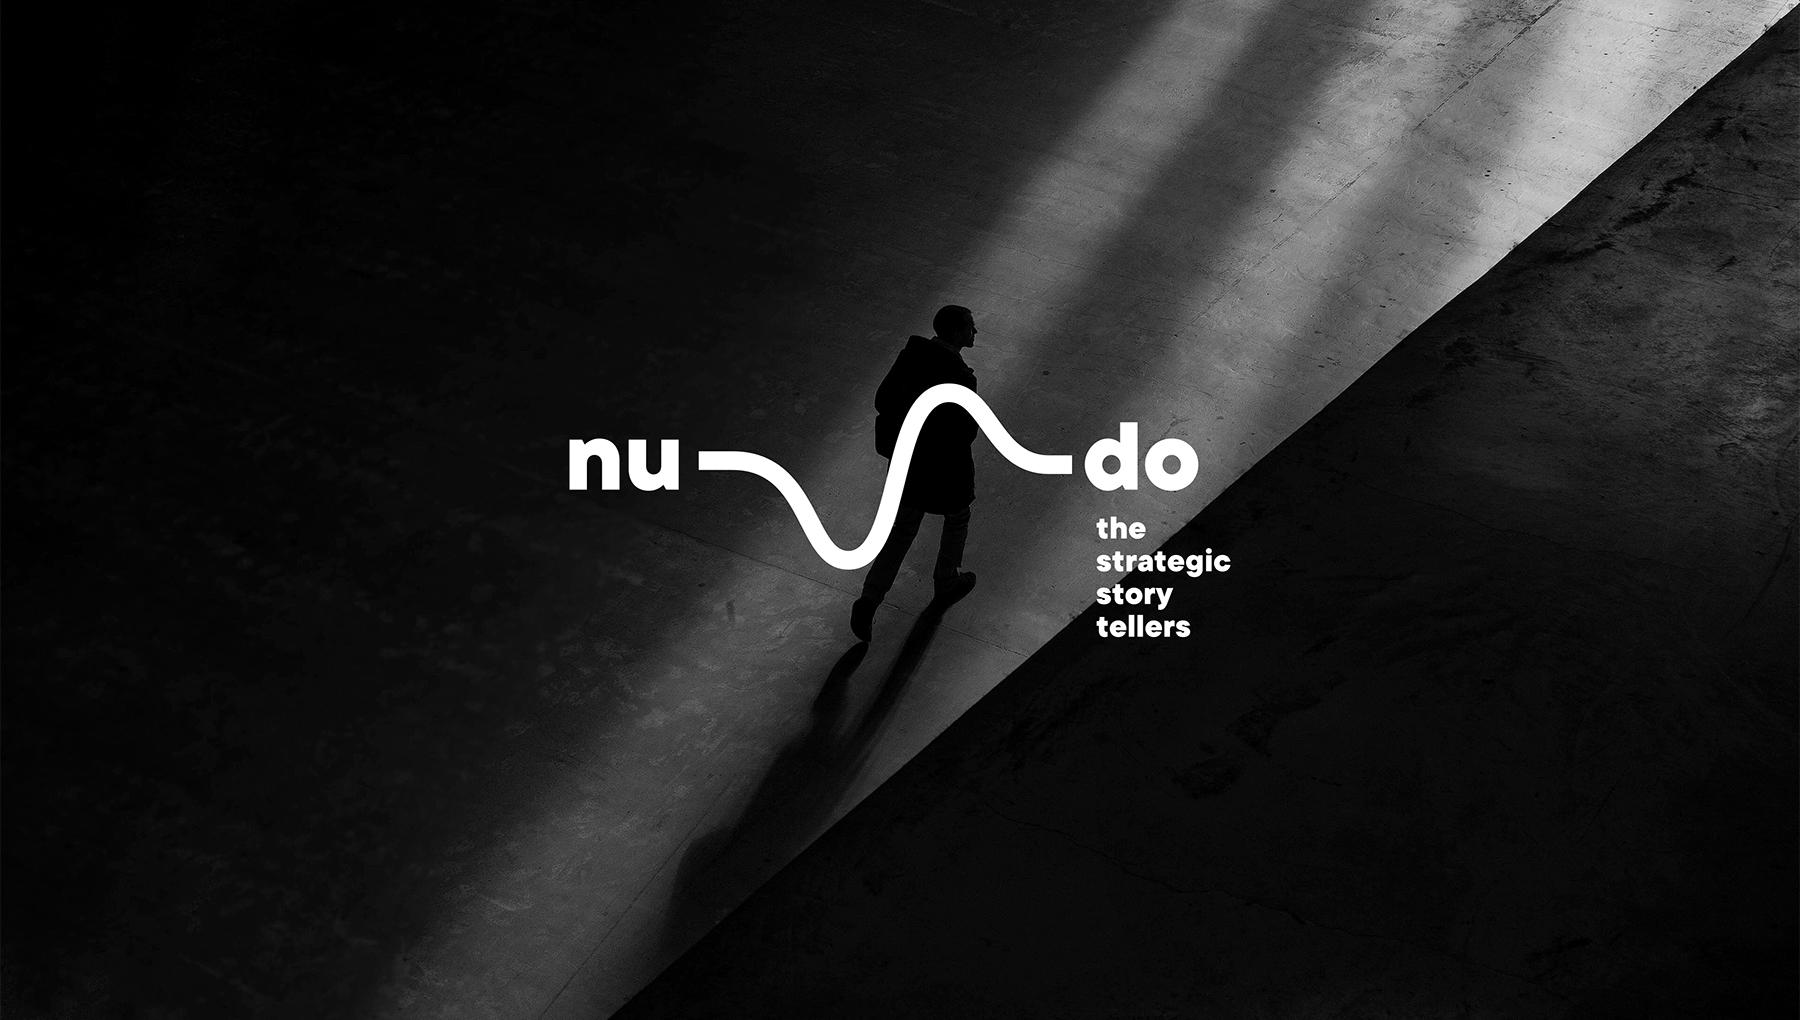 diseño y branding de productora audiovisual